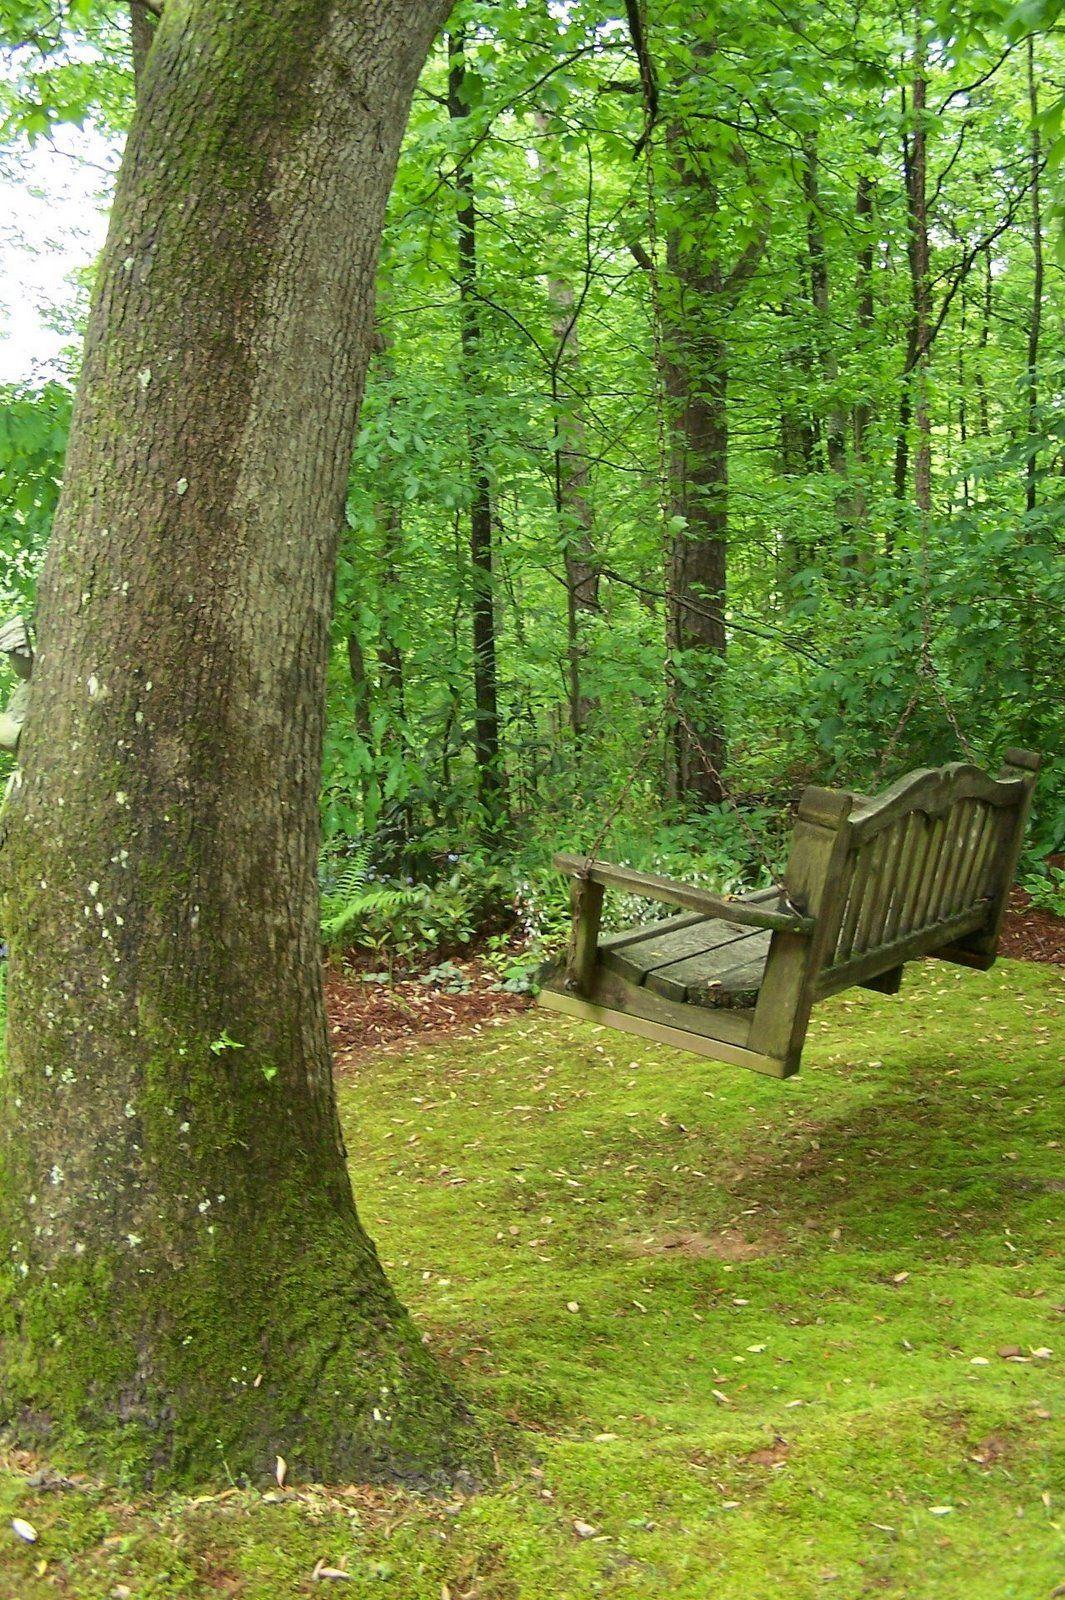 Perfect spot for a swing groooovy man pinterest swings